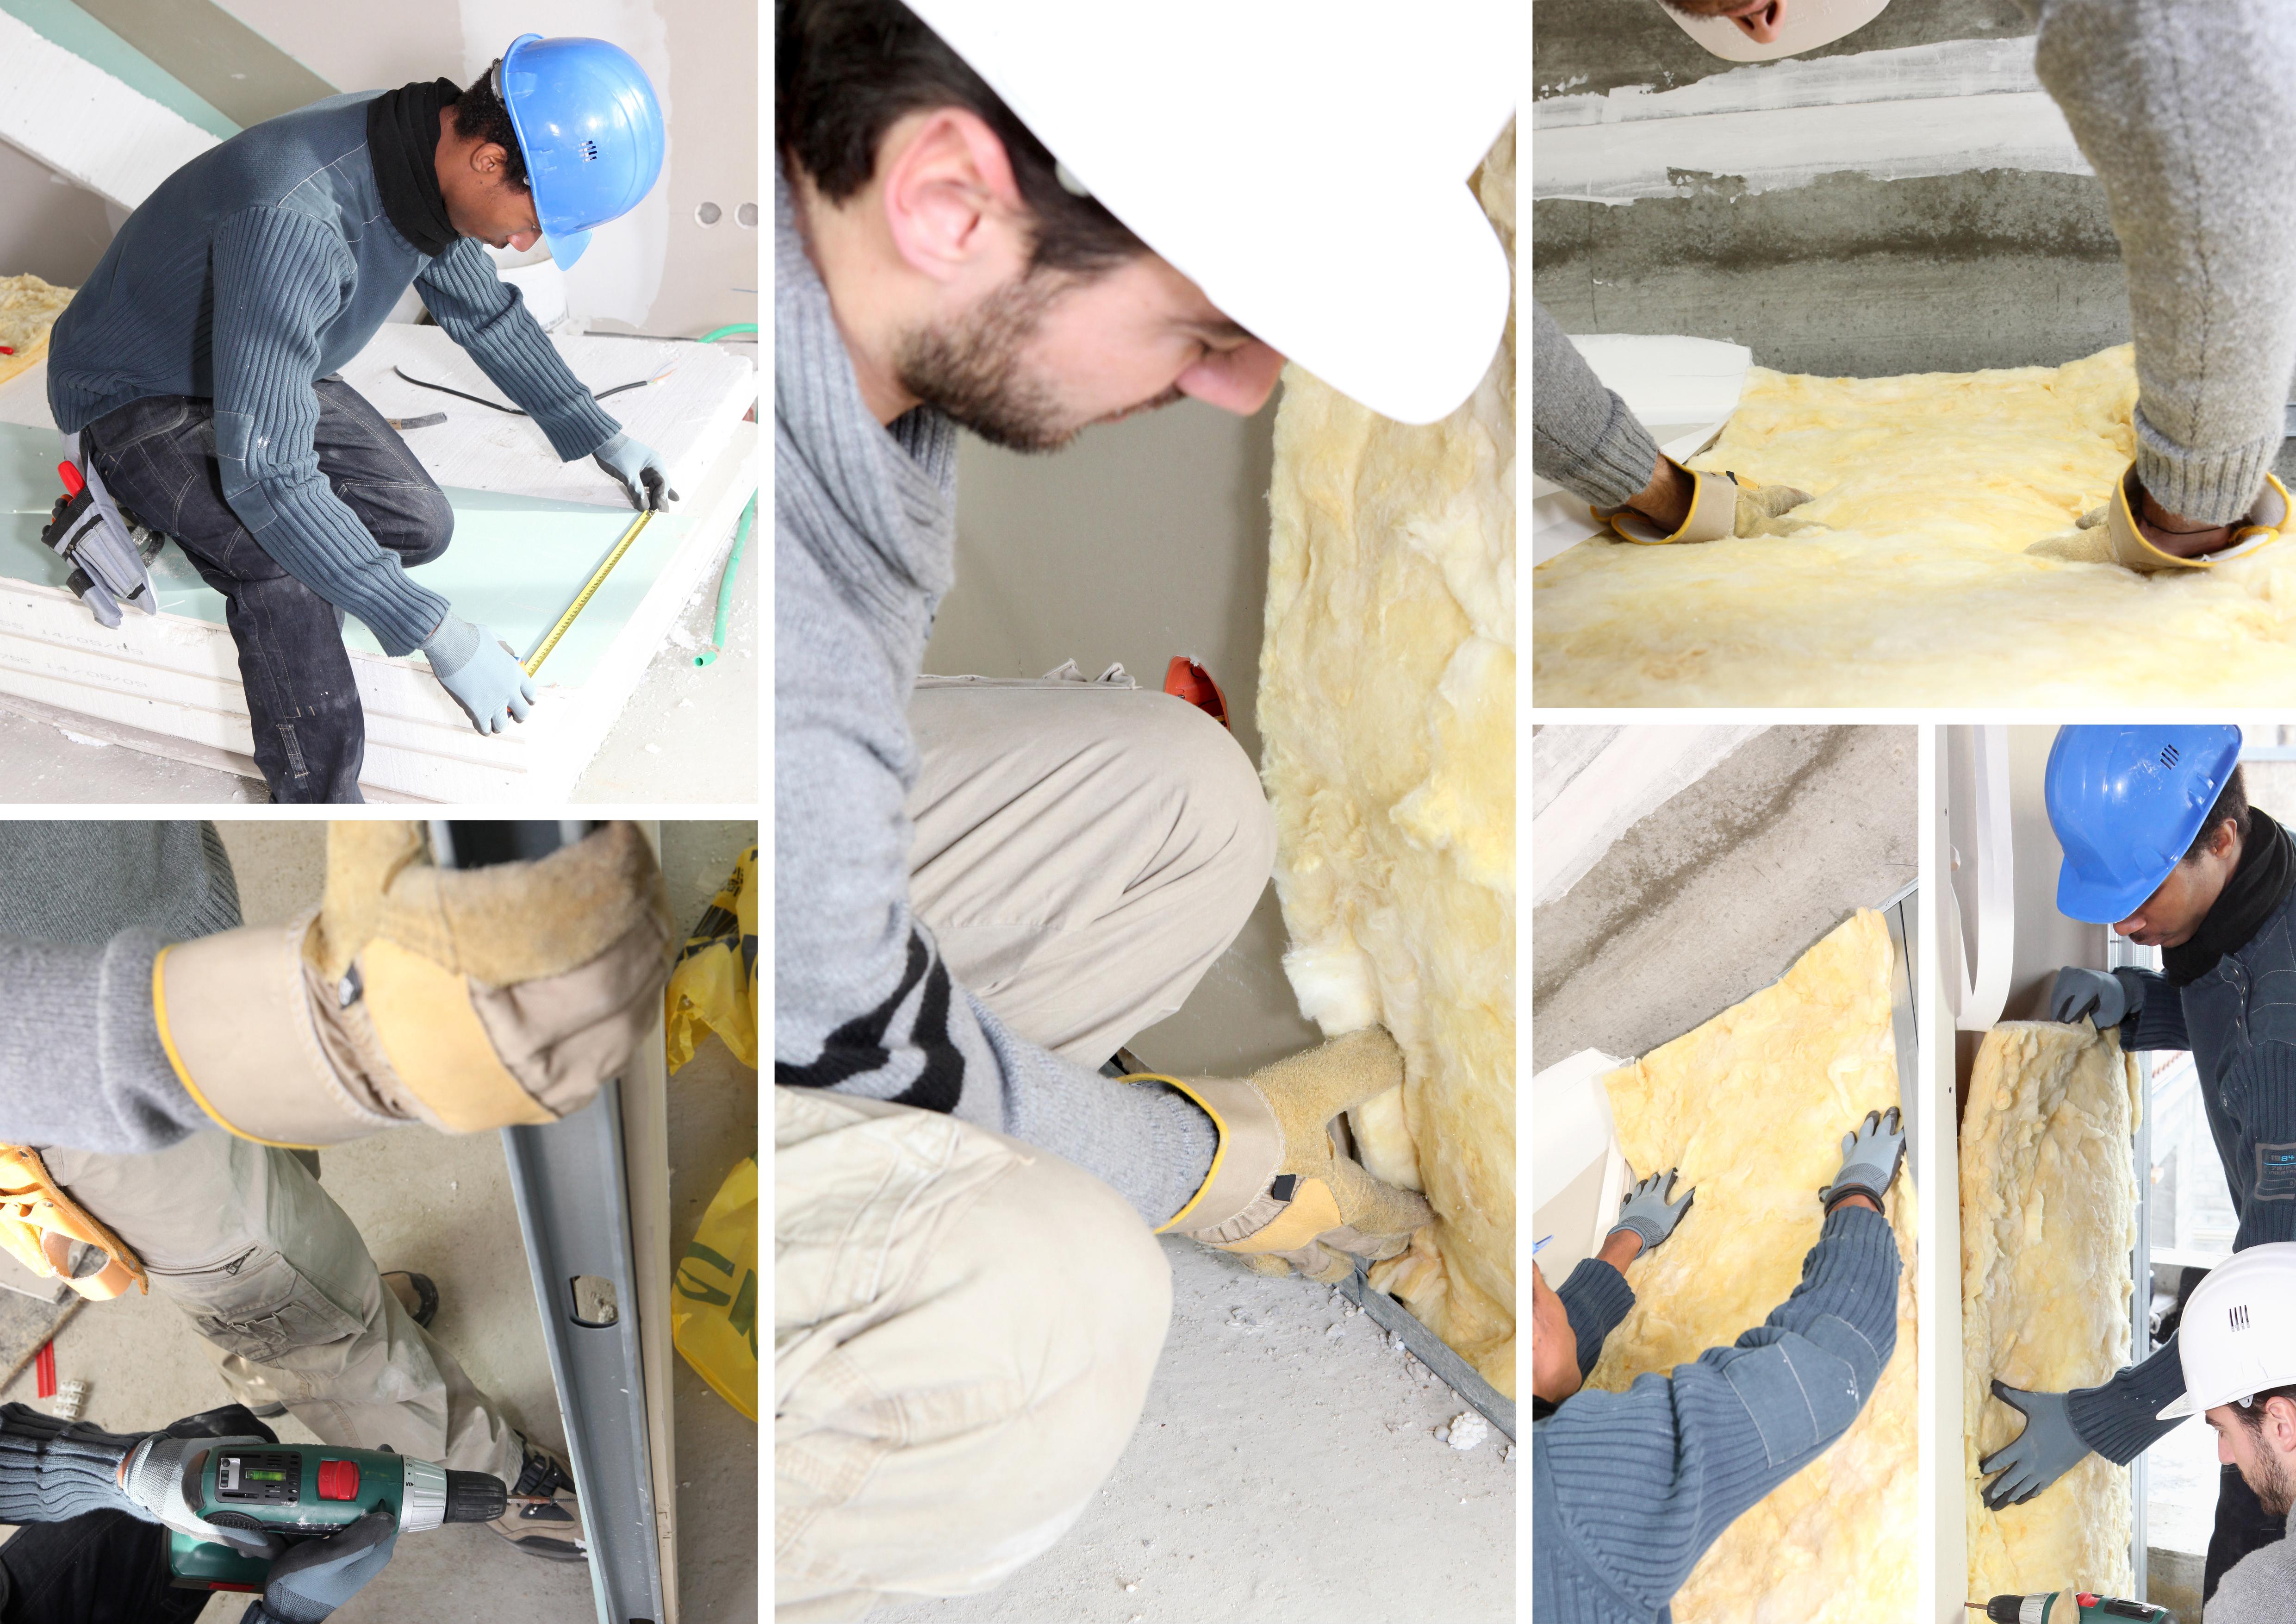 Effectuez des travaux de rénovation moins chers avec le bon matériel 2